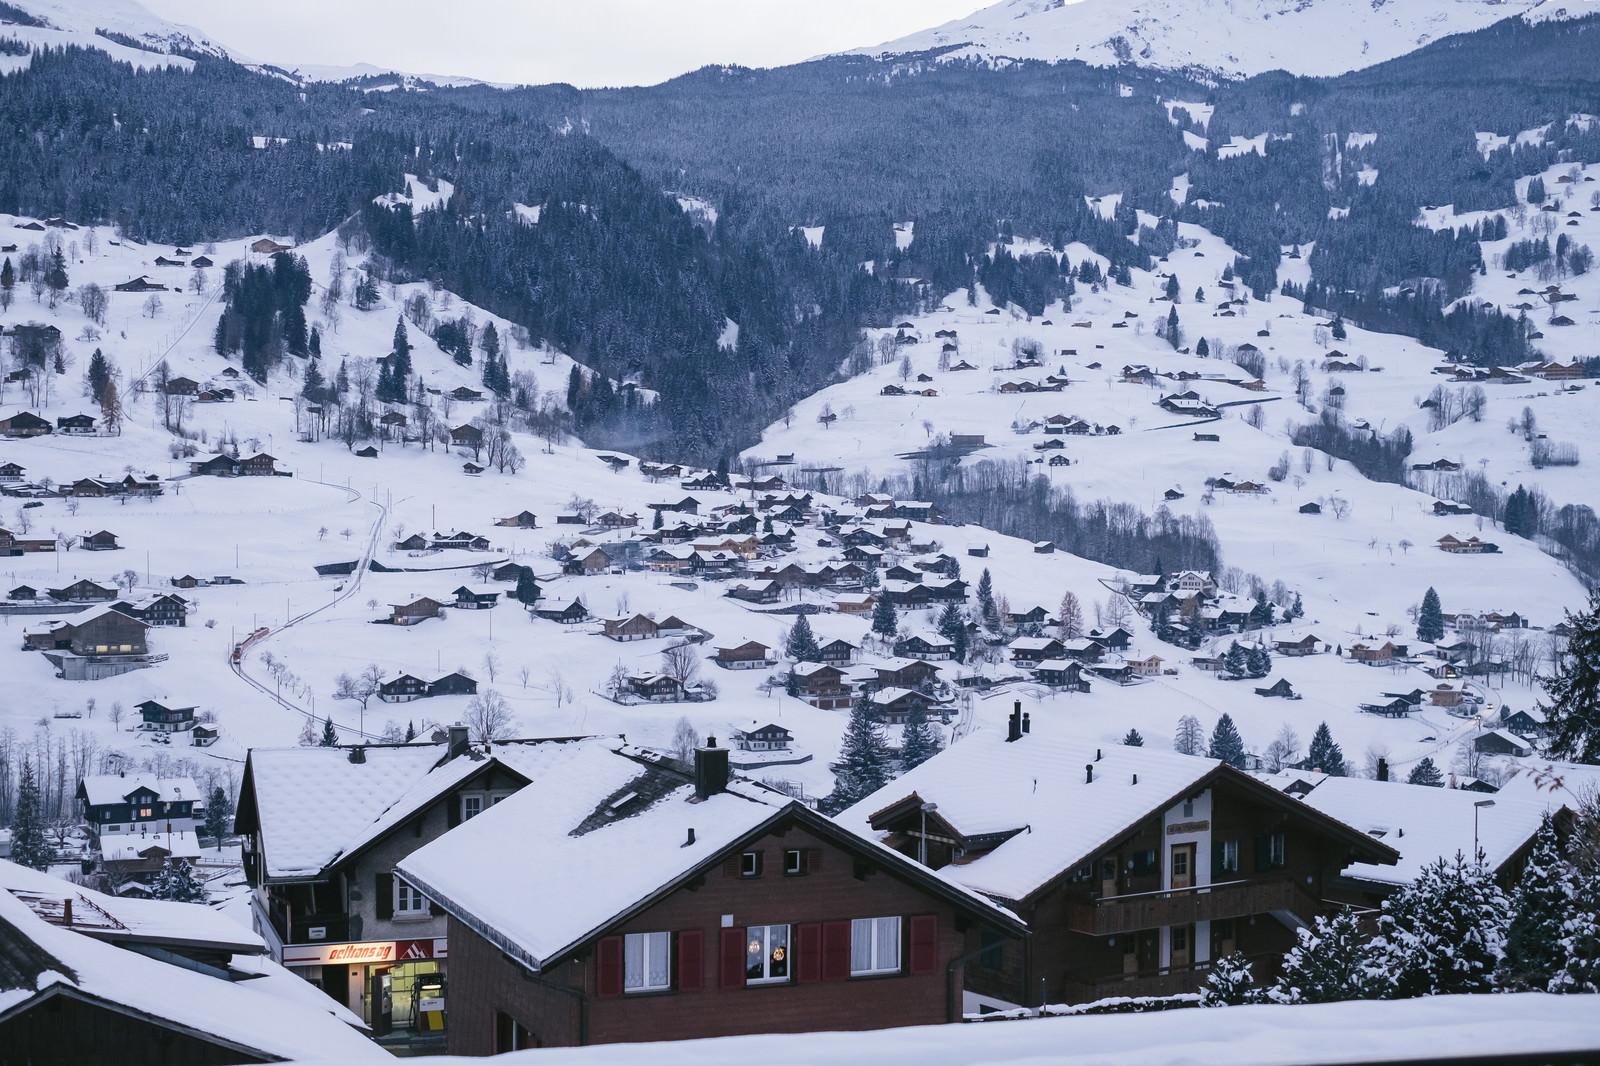 「冬のグリンデルワルトの街並み」の写真